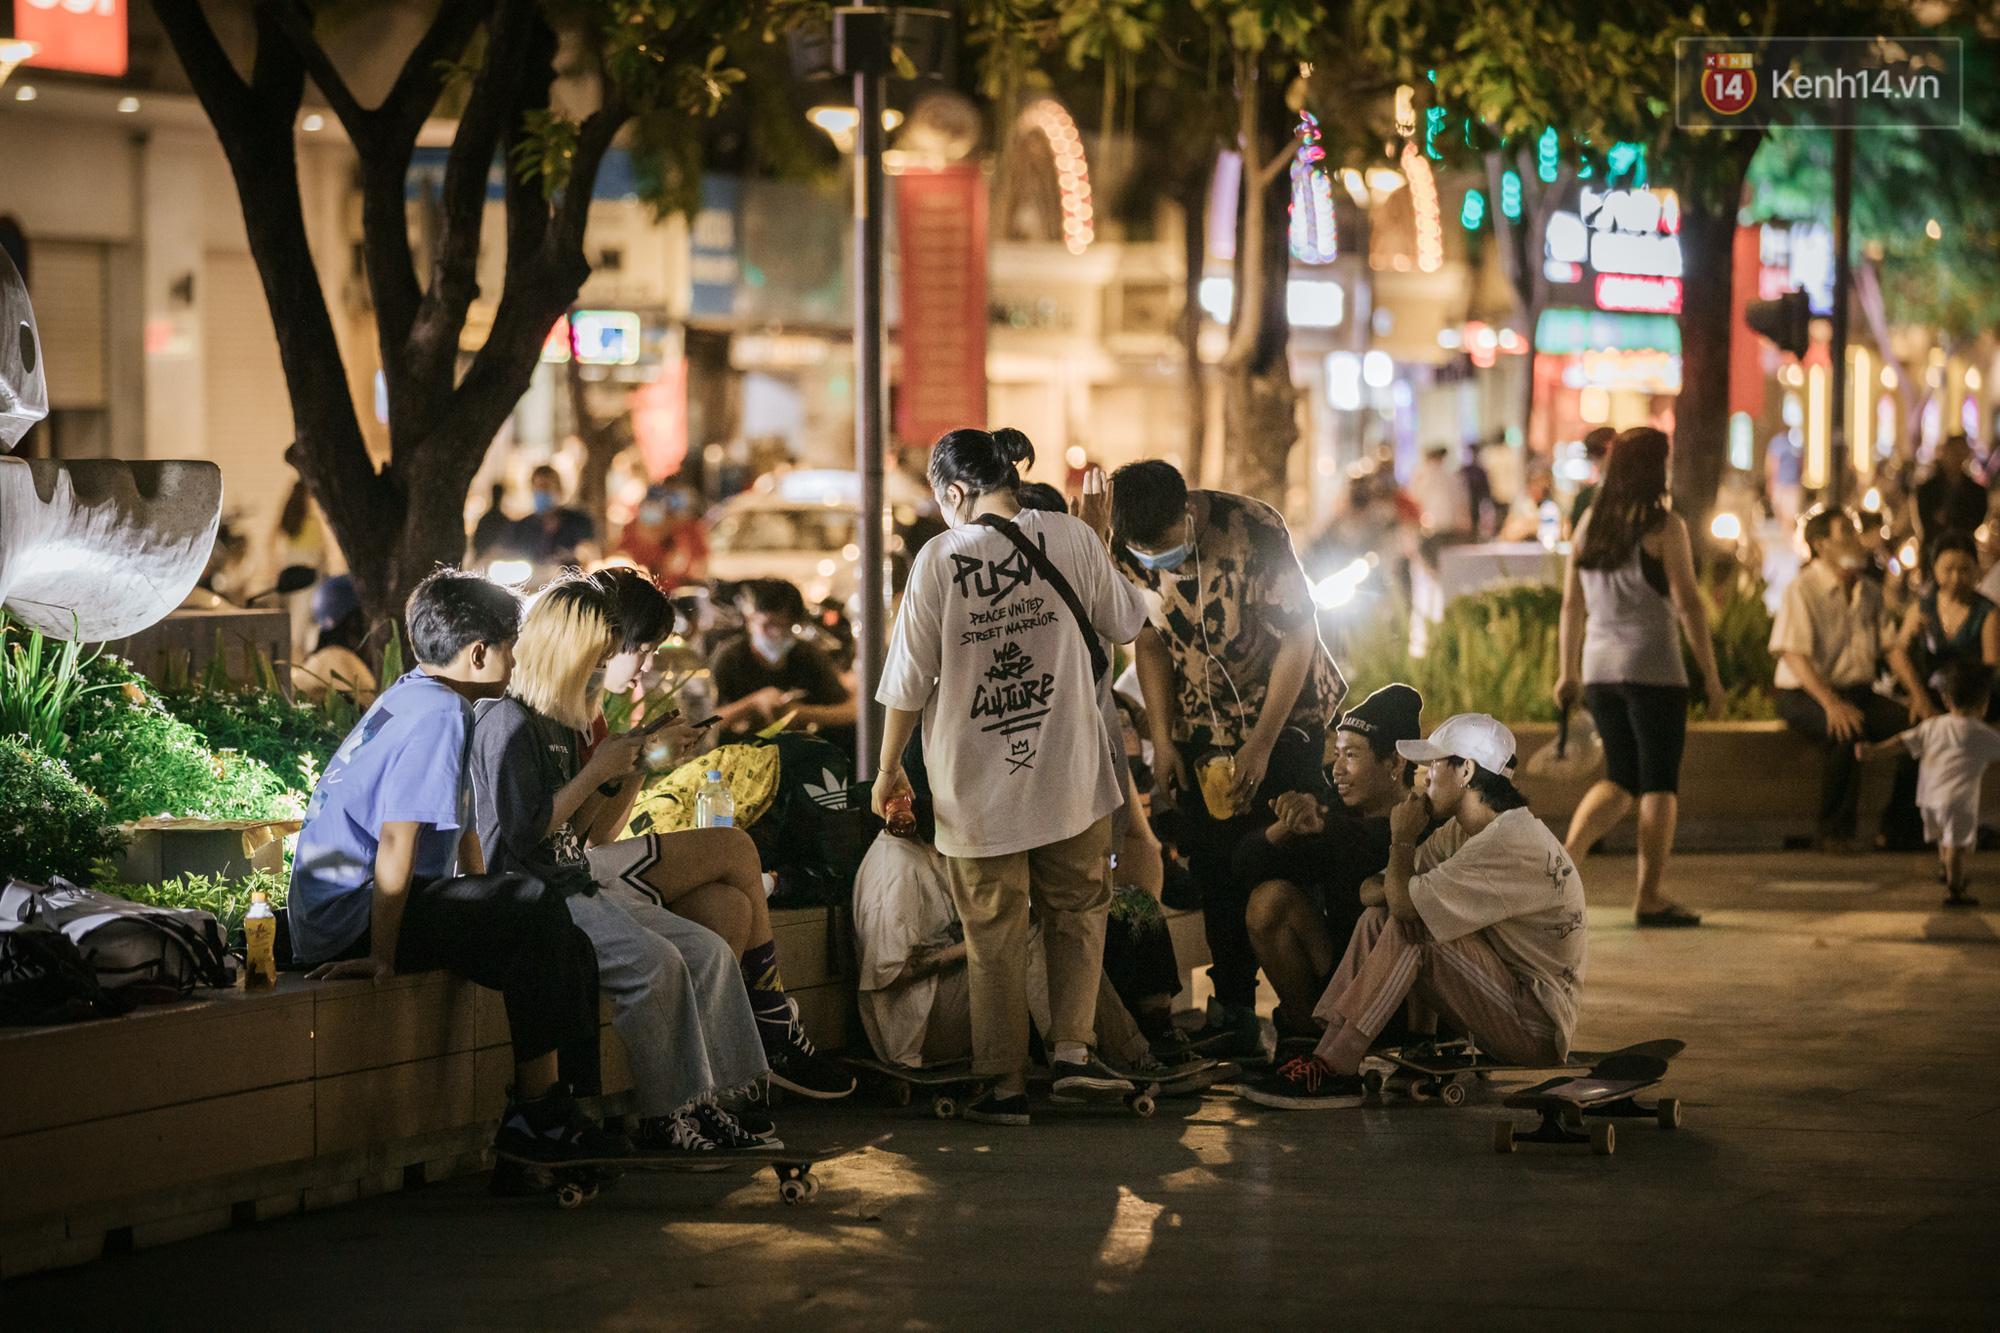 Sài Gòn nhộn nhịp trong buổi tối nghỉ lễ đầu tiên: Khu vực trung tâm dần trở nên đông đúc, nhiều người lo sợ vẫn 'kè kè' chiếc khẩu trang bên mình Ảnh 6